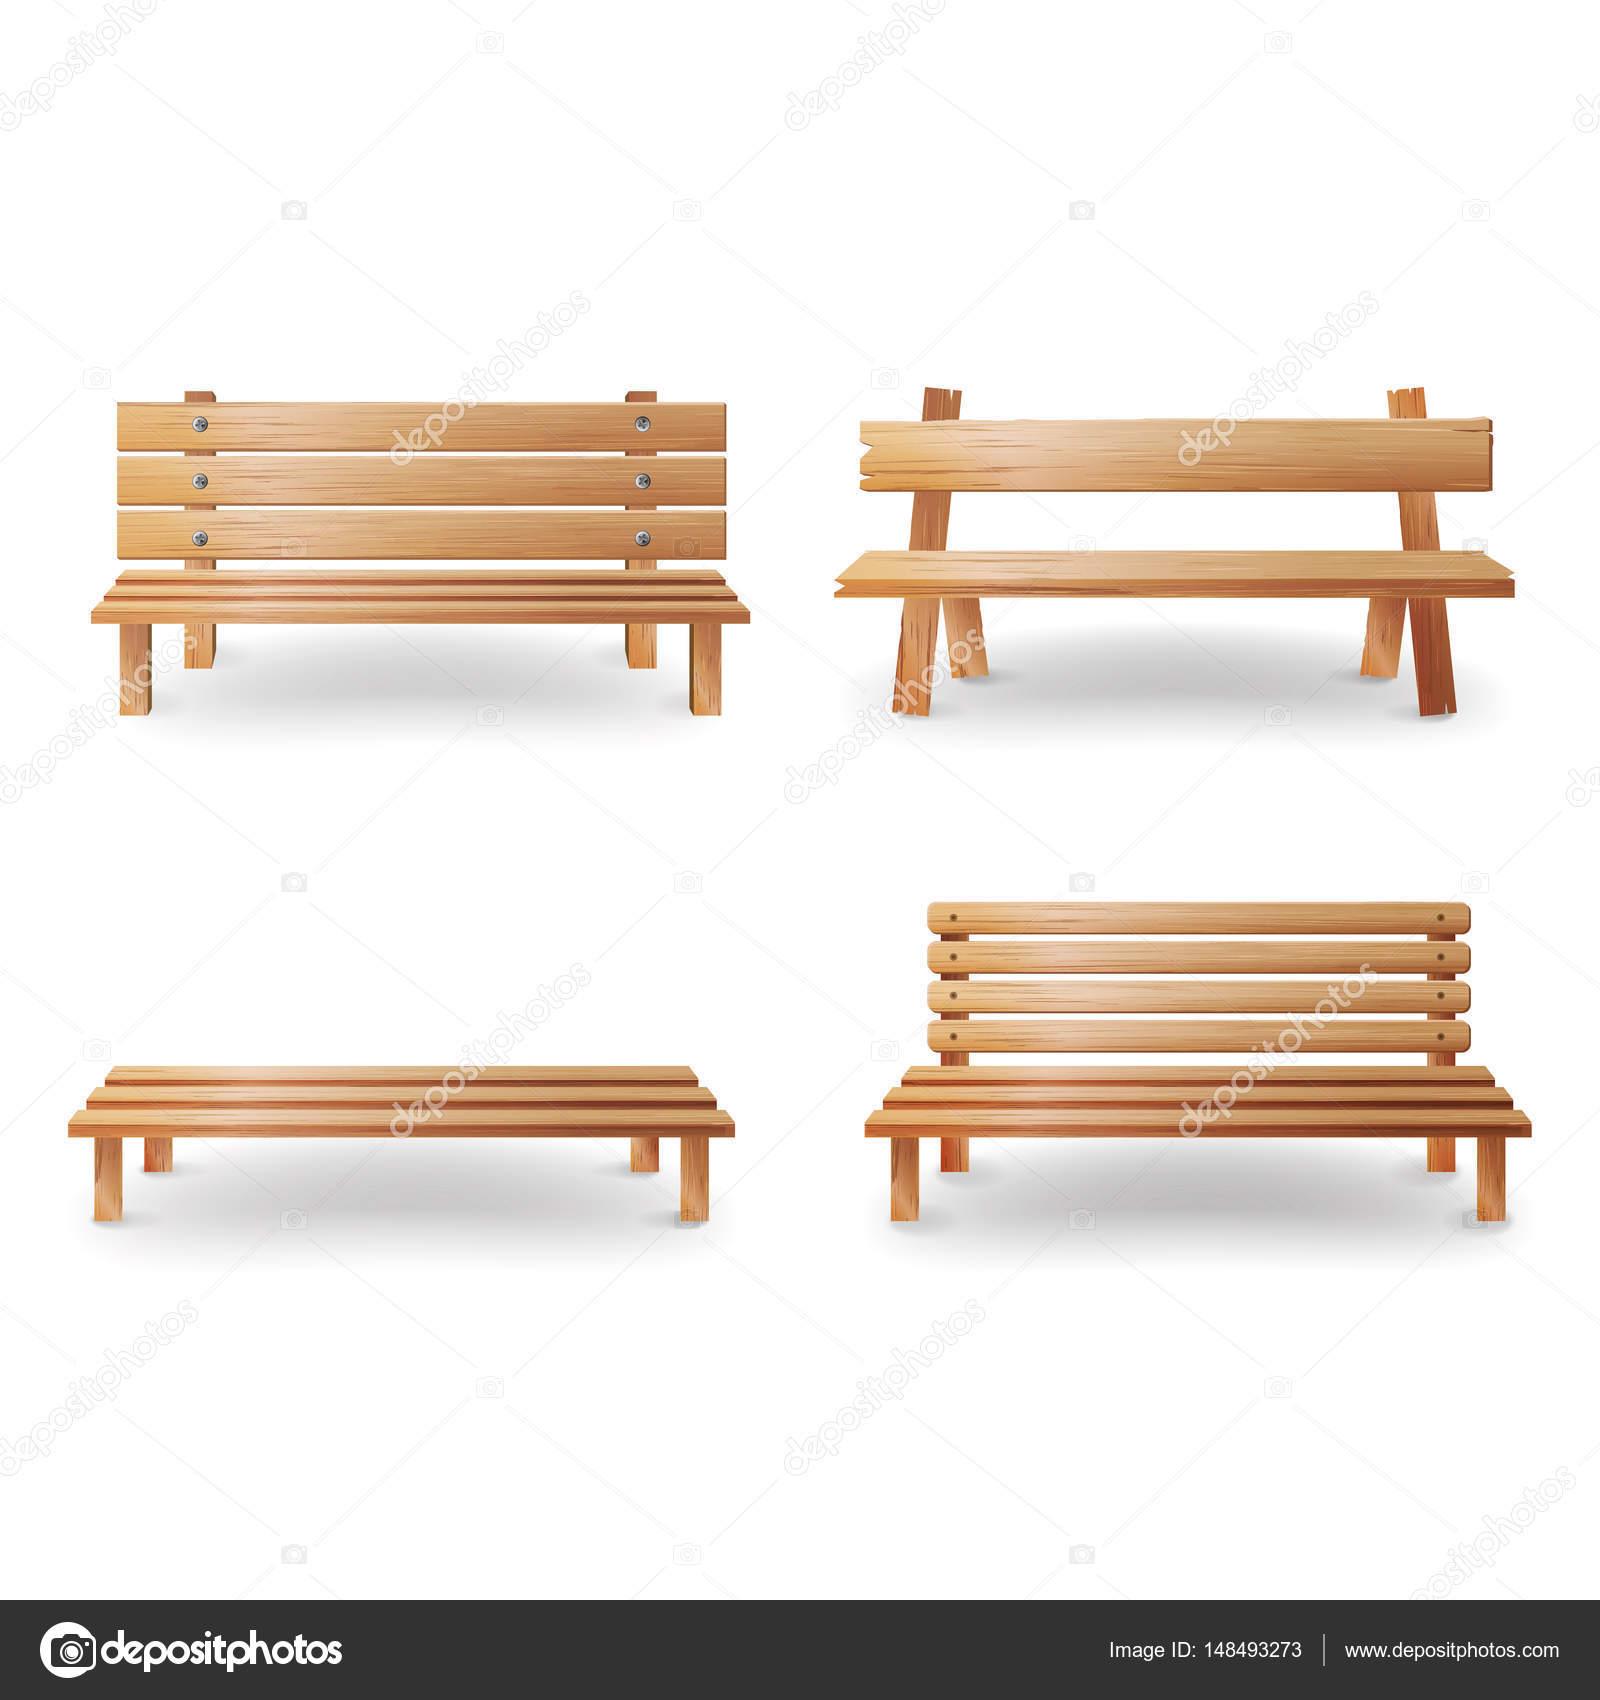 banc en bois réaliste vector illustration. arrière-plan de mobilier